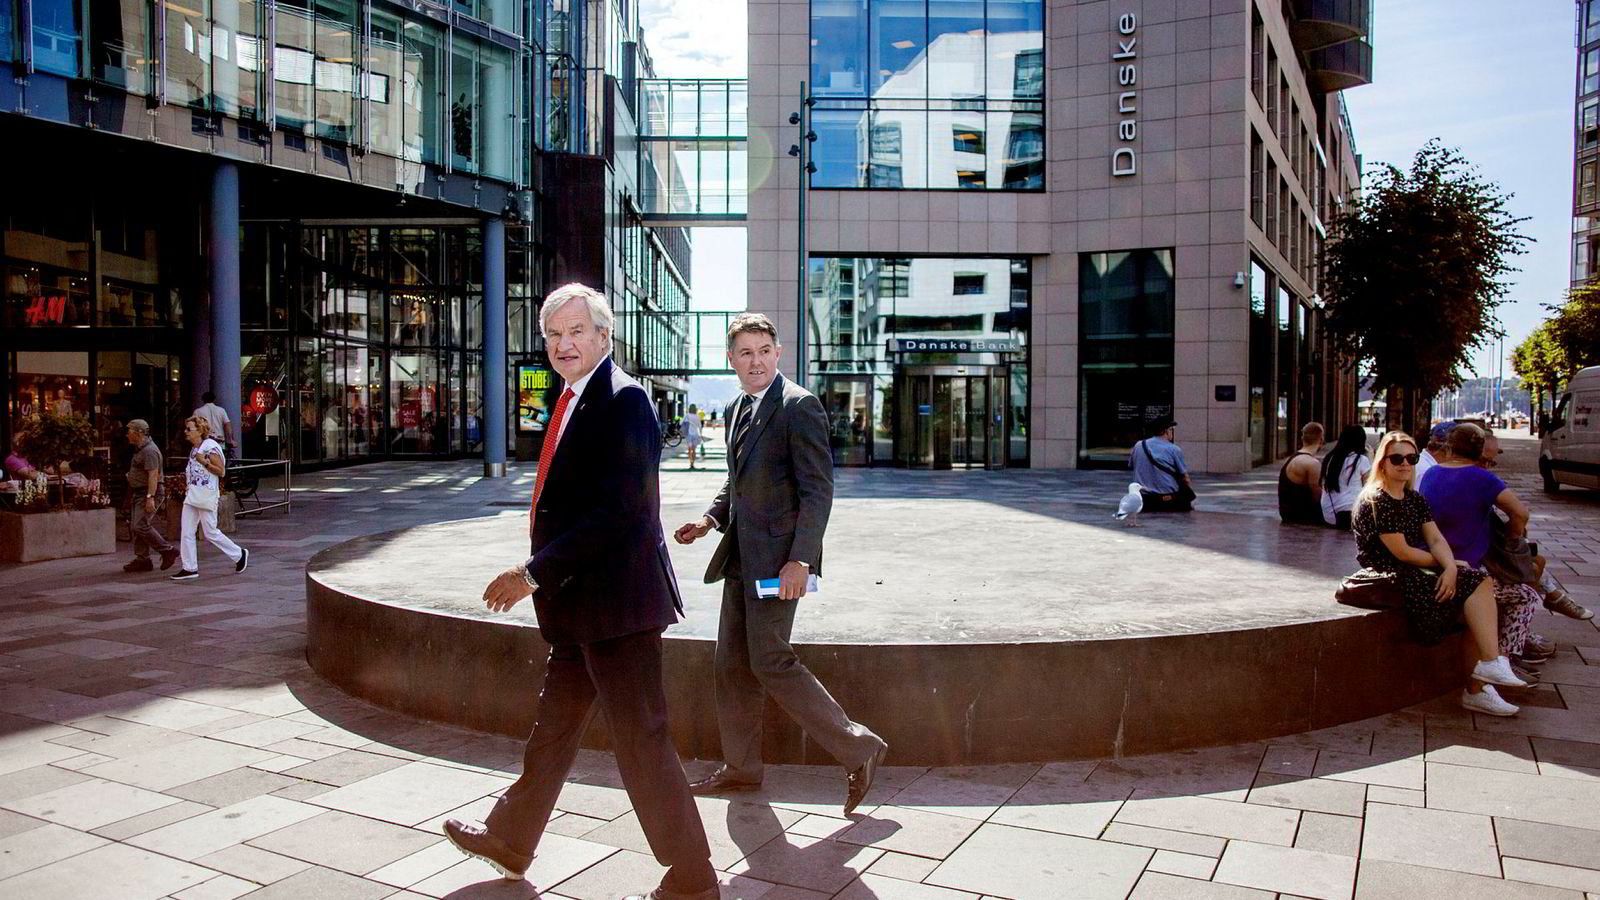 Bjørn Kjos (fra venstre) varslet torsdag at han går av som toppsjef og har allerede overlatt roret til Geir Karlsen – som er visekonsernsjef og finansdirektør. Kjos ville egentlig gå av for ett år siden, men planene ble utsatt i ett år.